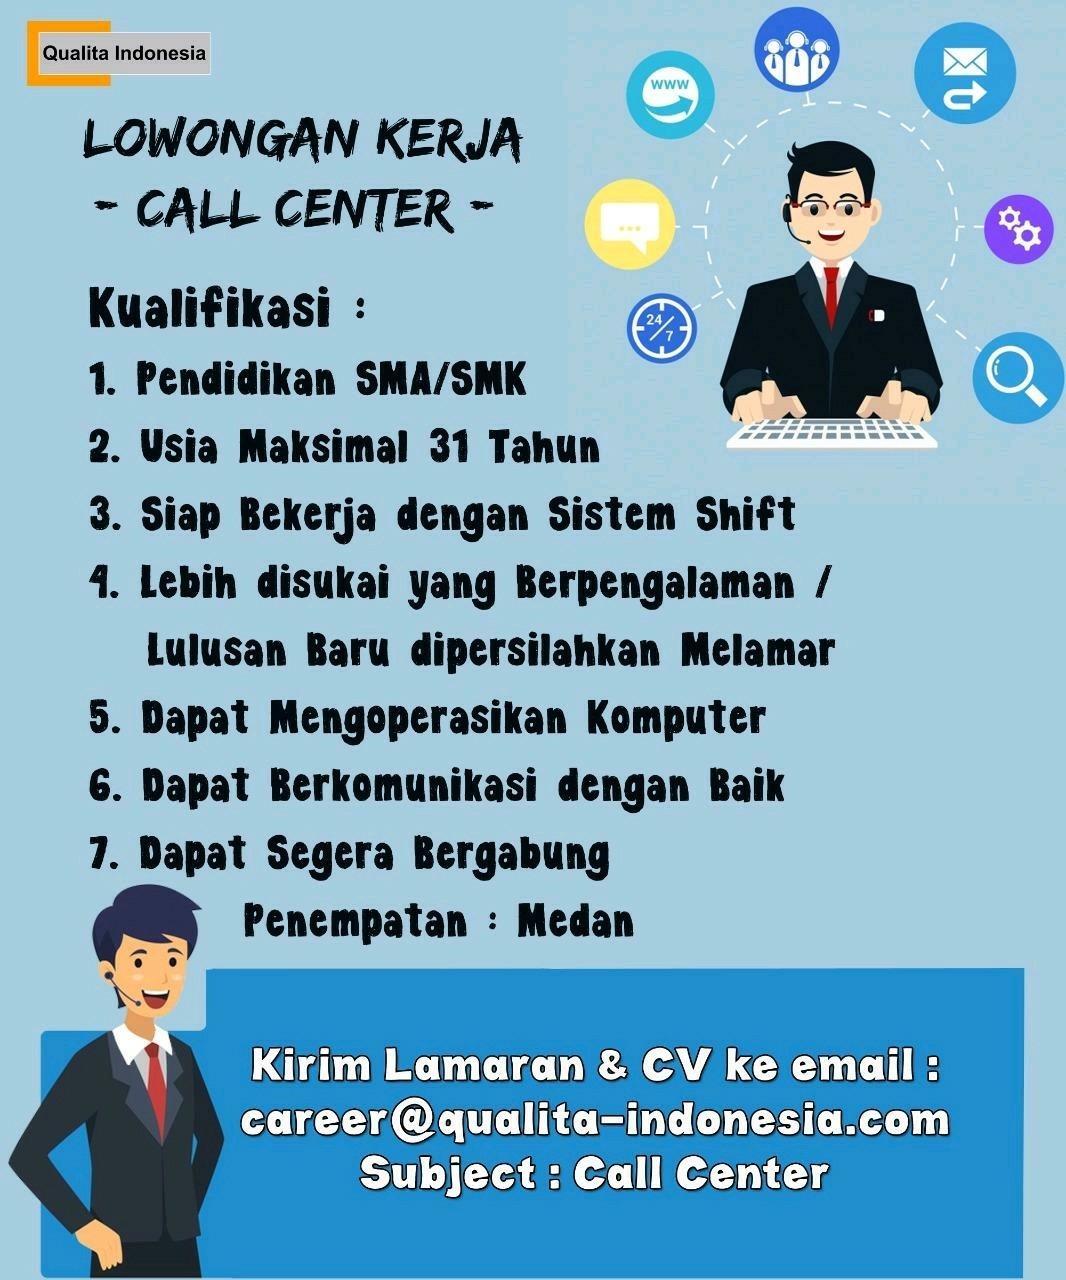 Lowongan Kerja Sma Smk D3 S1 Pt Qualita Indonesia Medan April Mei 2020 Lowongan Kerja Medan Terbaru Tahun 2021